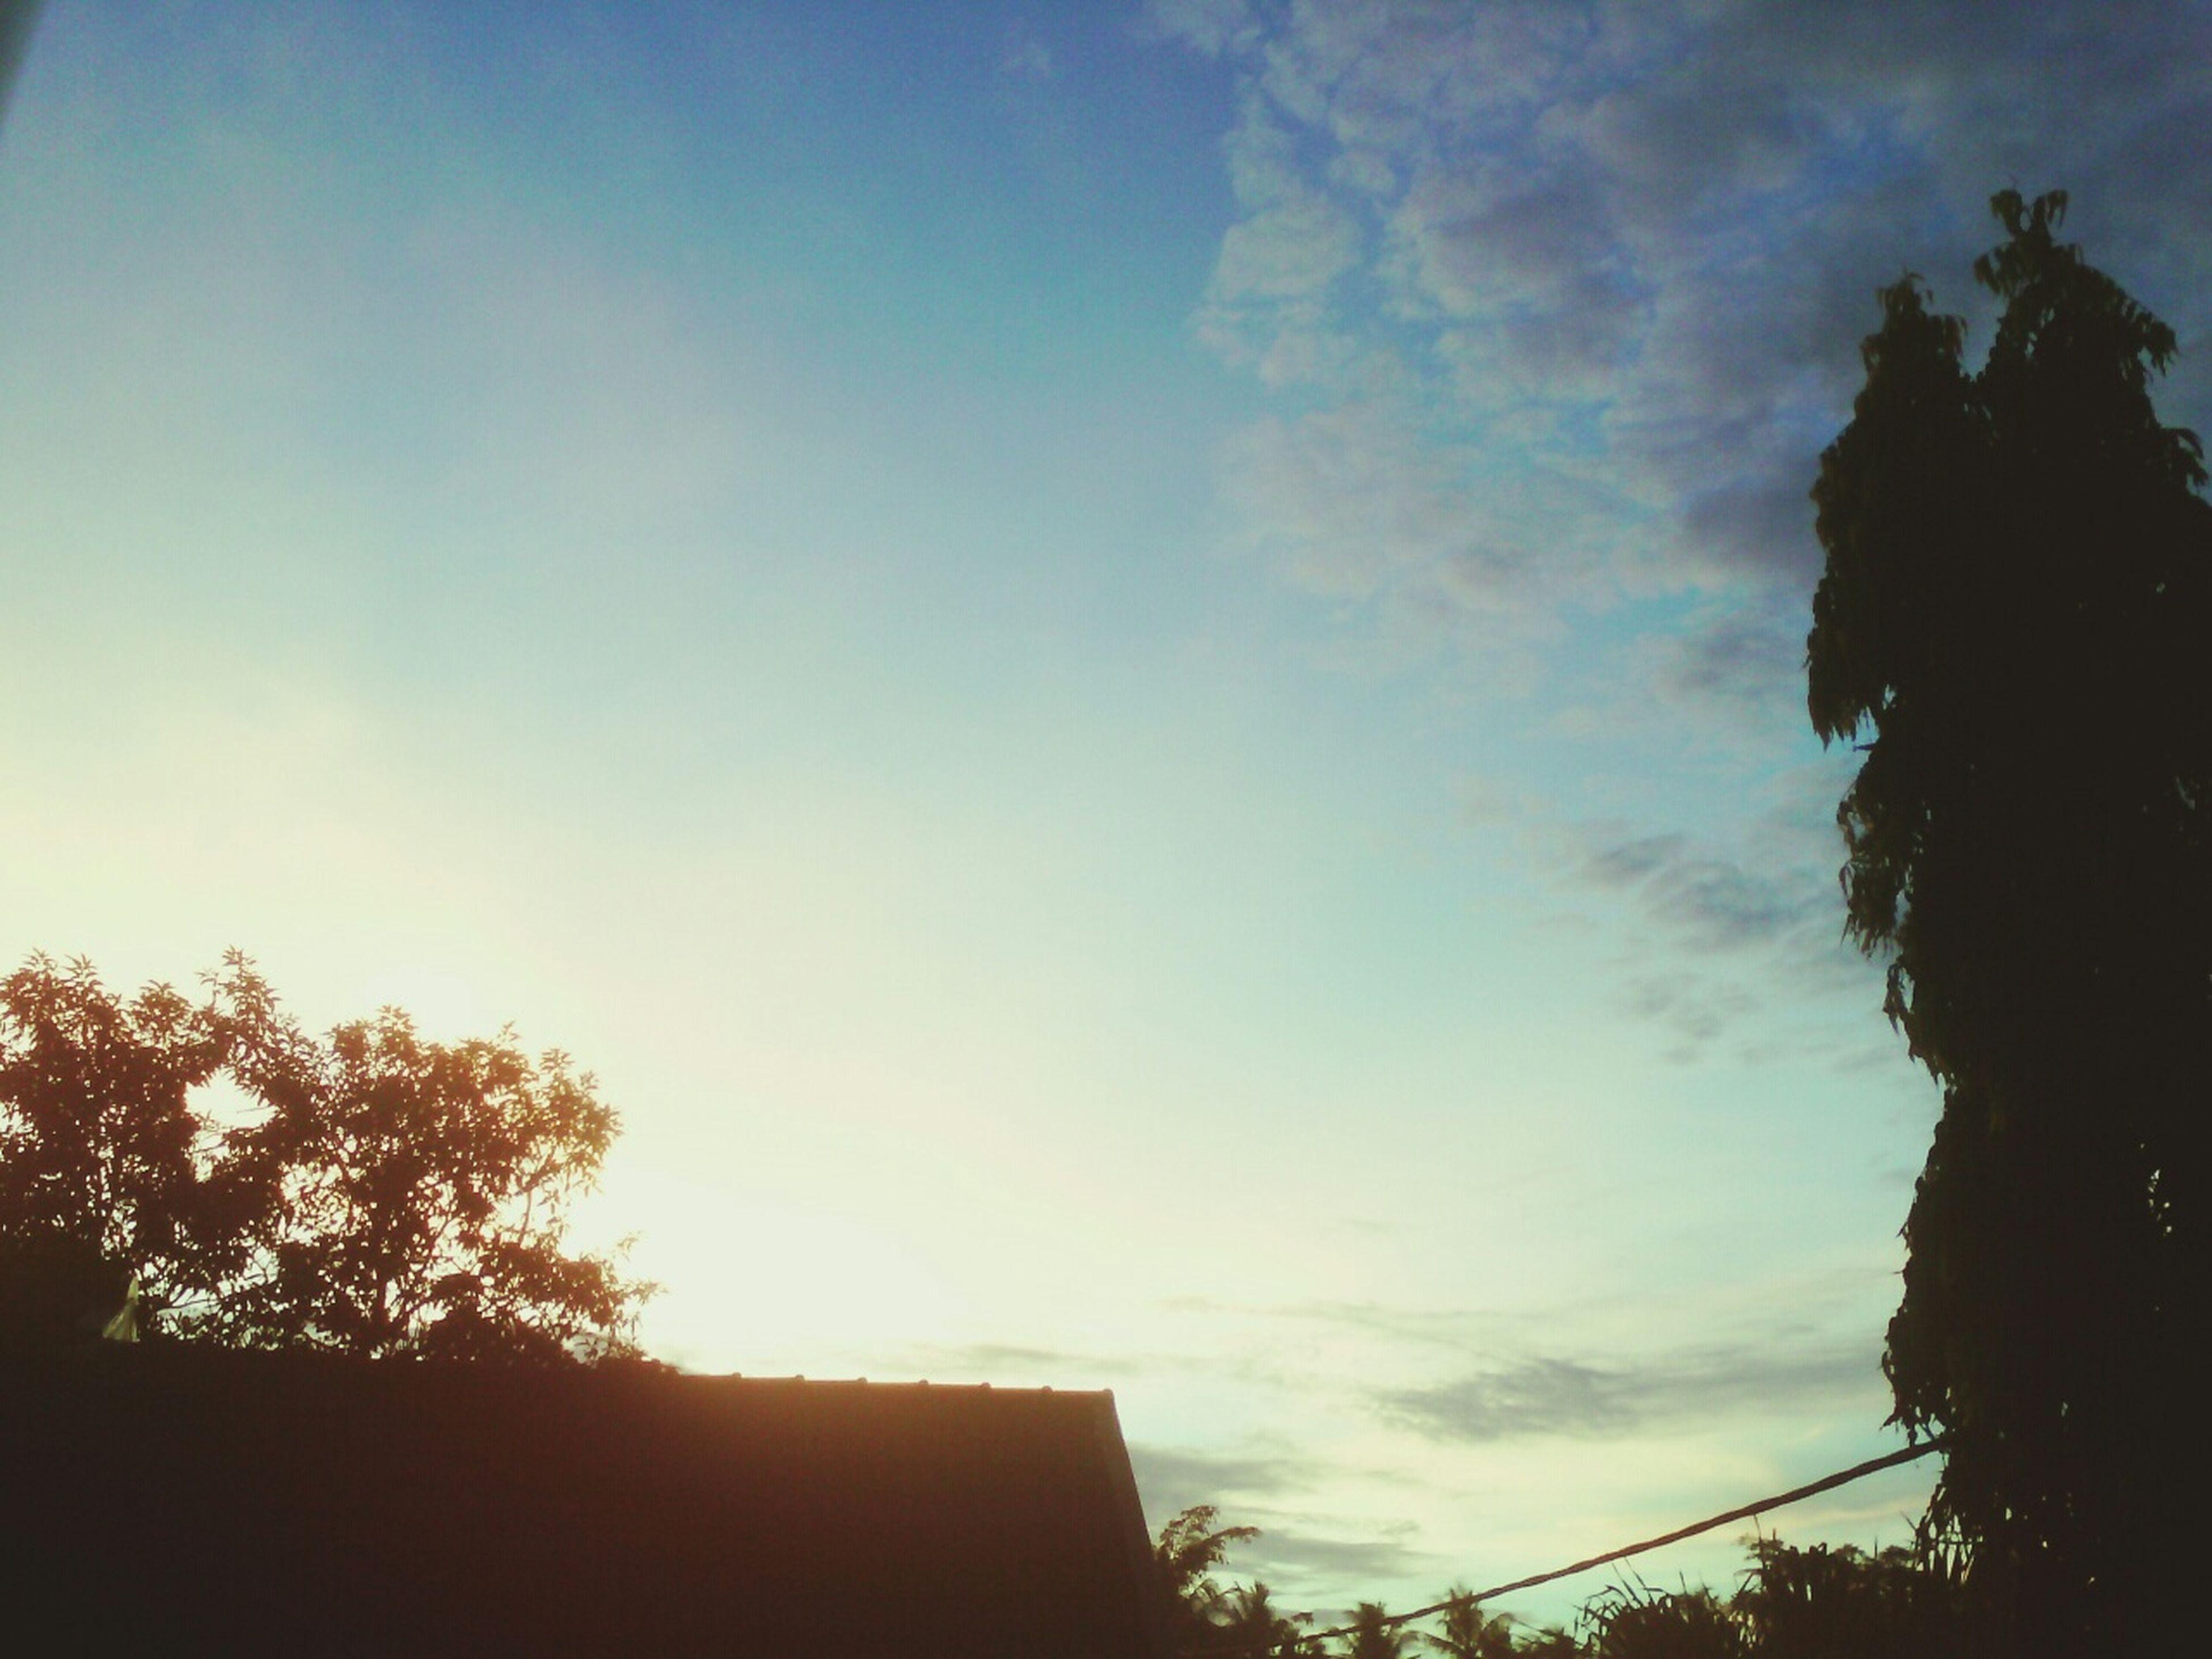 Sunny☀ Hello World I♥Indonesia Sky Taking Photos EyeEm Nature Lover Gotcha!